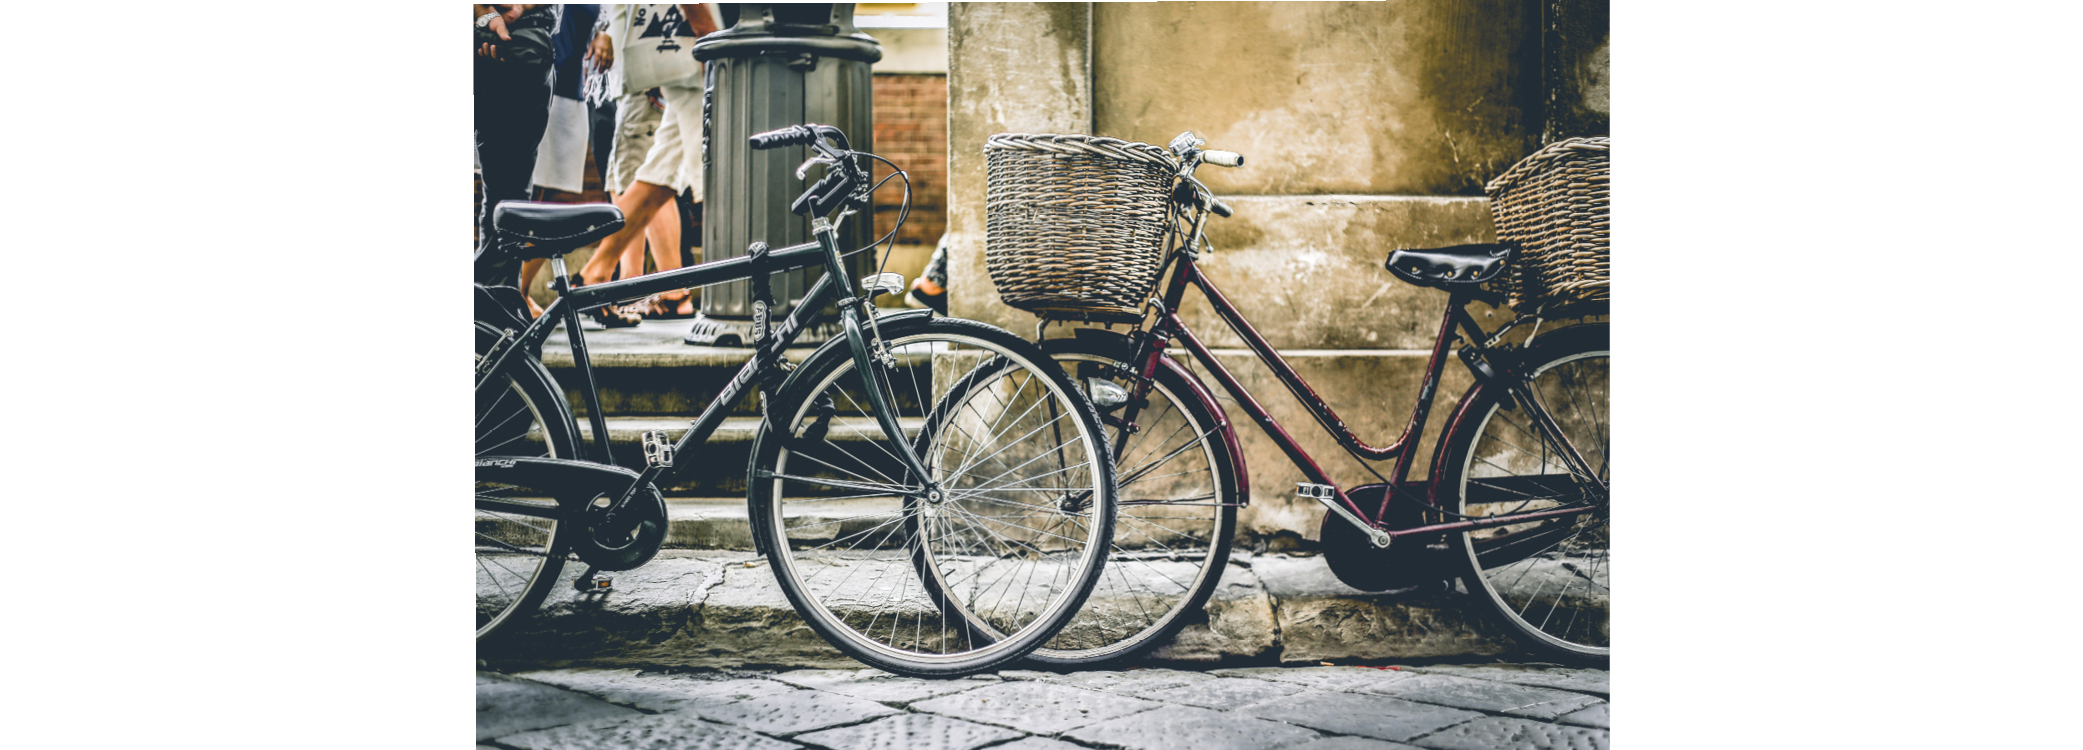 bike city.png